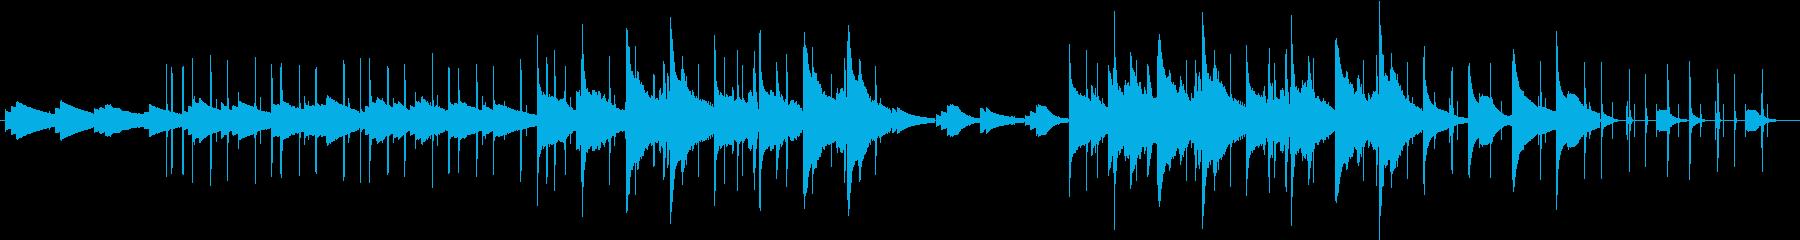 同じフレーズが繰り返される切ない曲の再生済みの波形